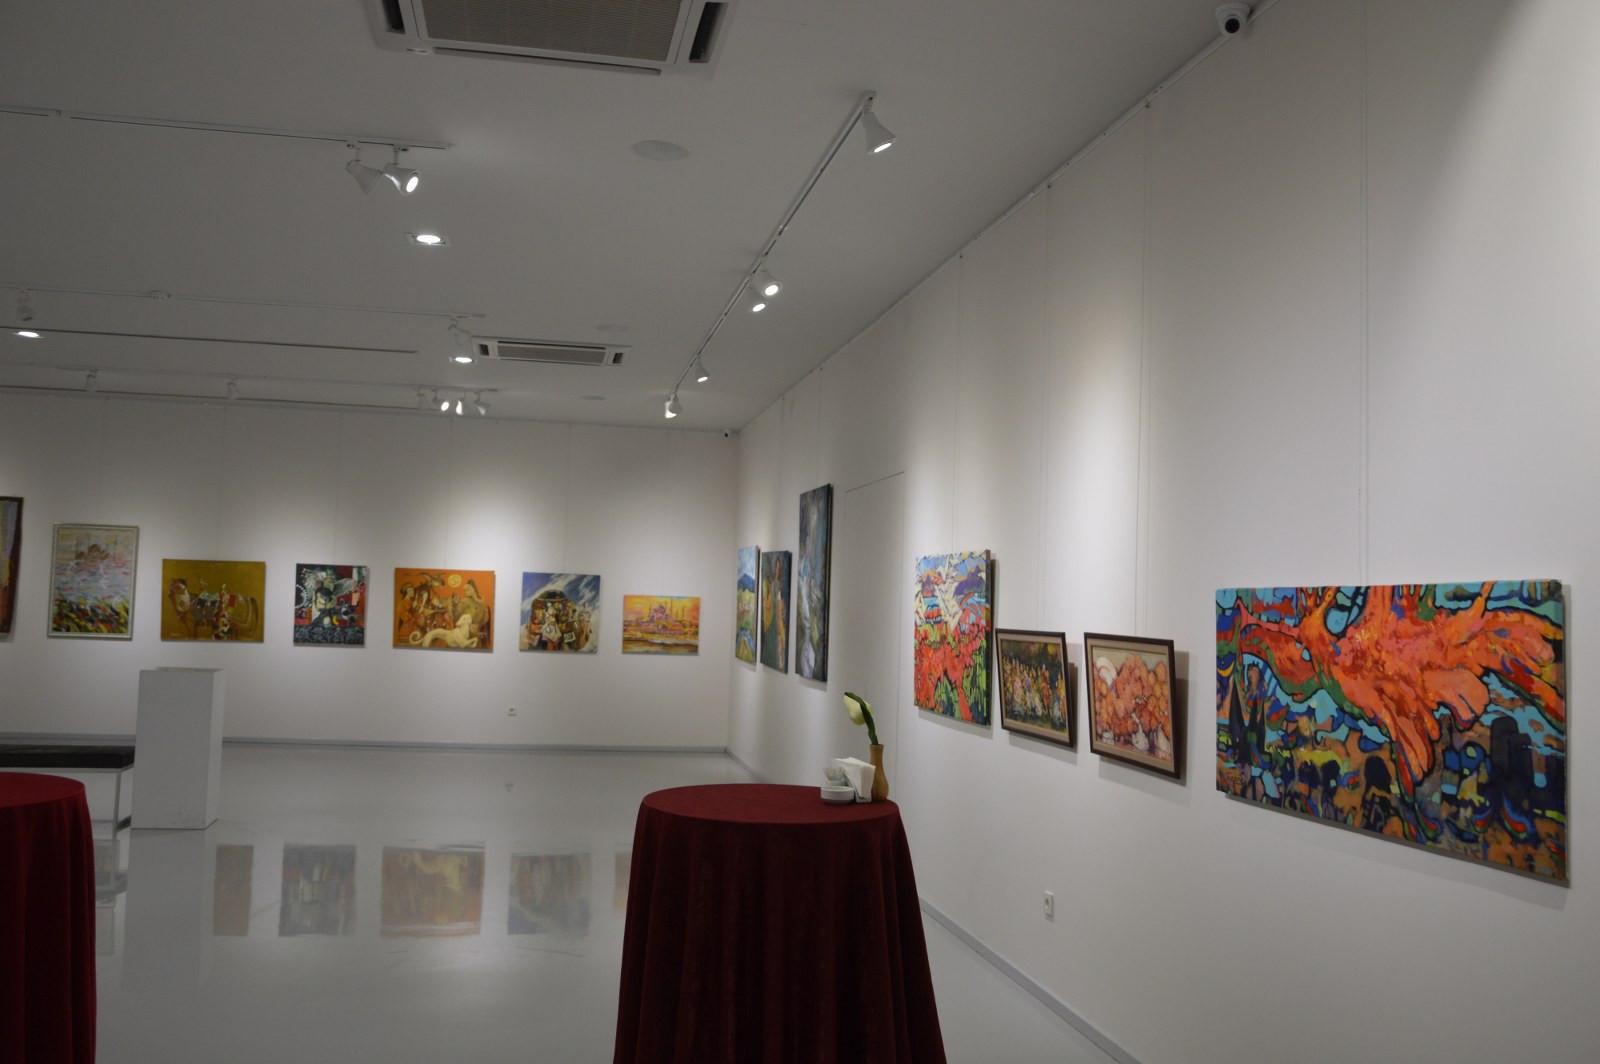 Türk Dünyasından Kadın Sanatçılar İstanbul'da Buluştu Galeri - 35. Resim